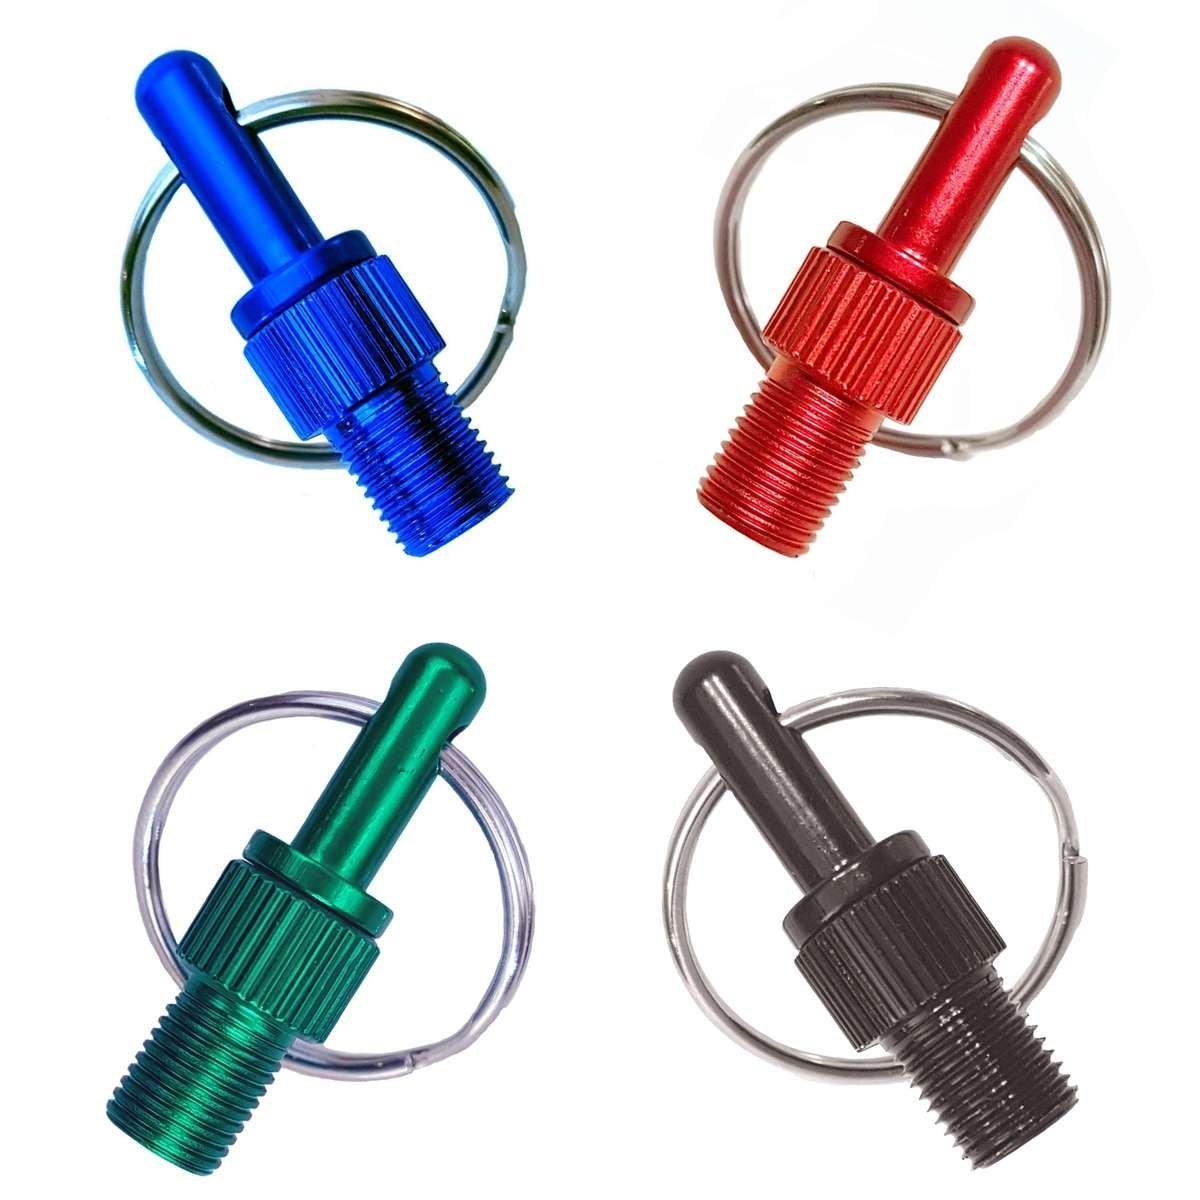 Bunte, eloxierte Fahrradventil Adapter mit Schlüsselanhänger in den Farben: Rot, Blau, Schwarz, Grün.